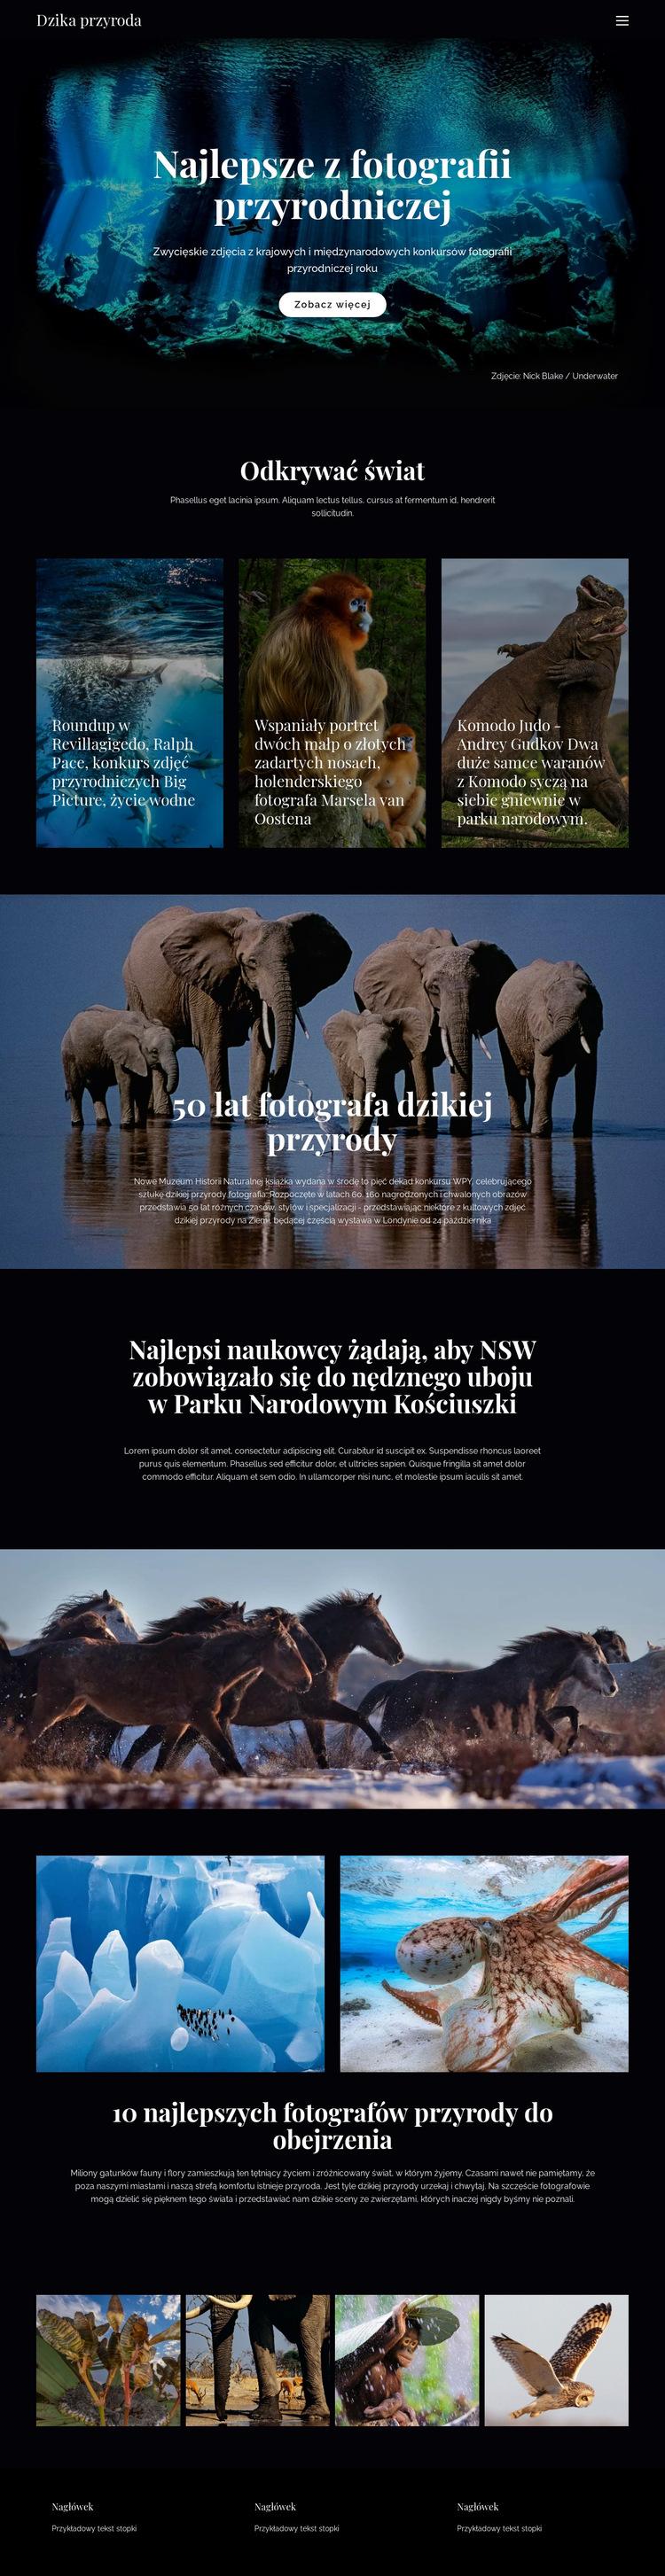 Dzika przyroda i przyroda Szablon witryny sieci Web